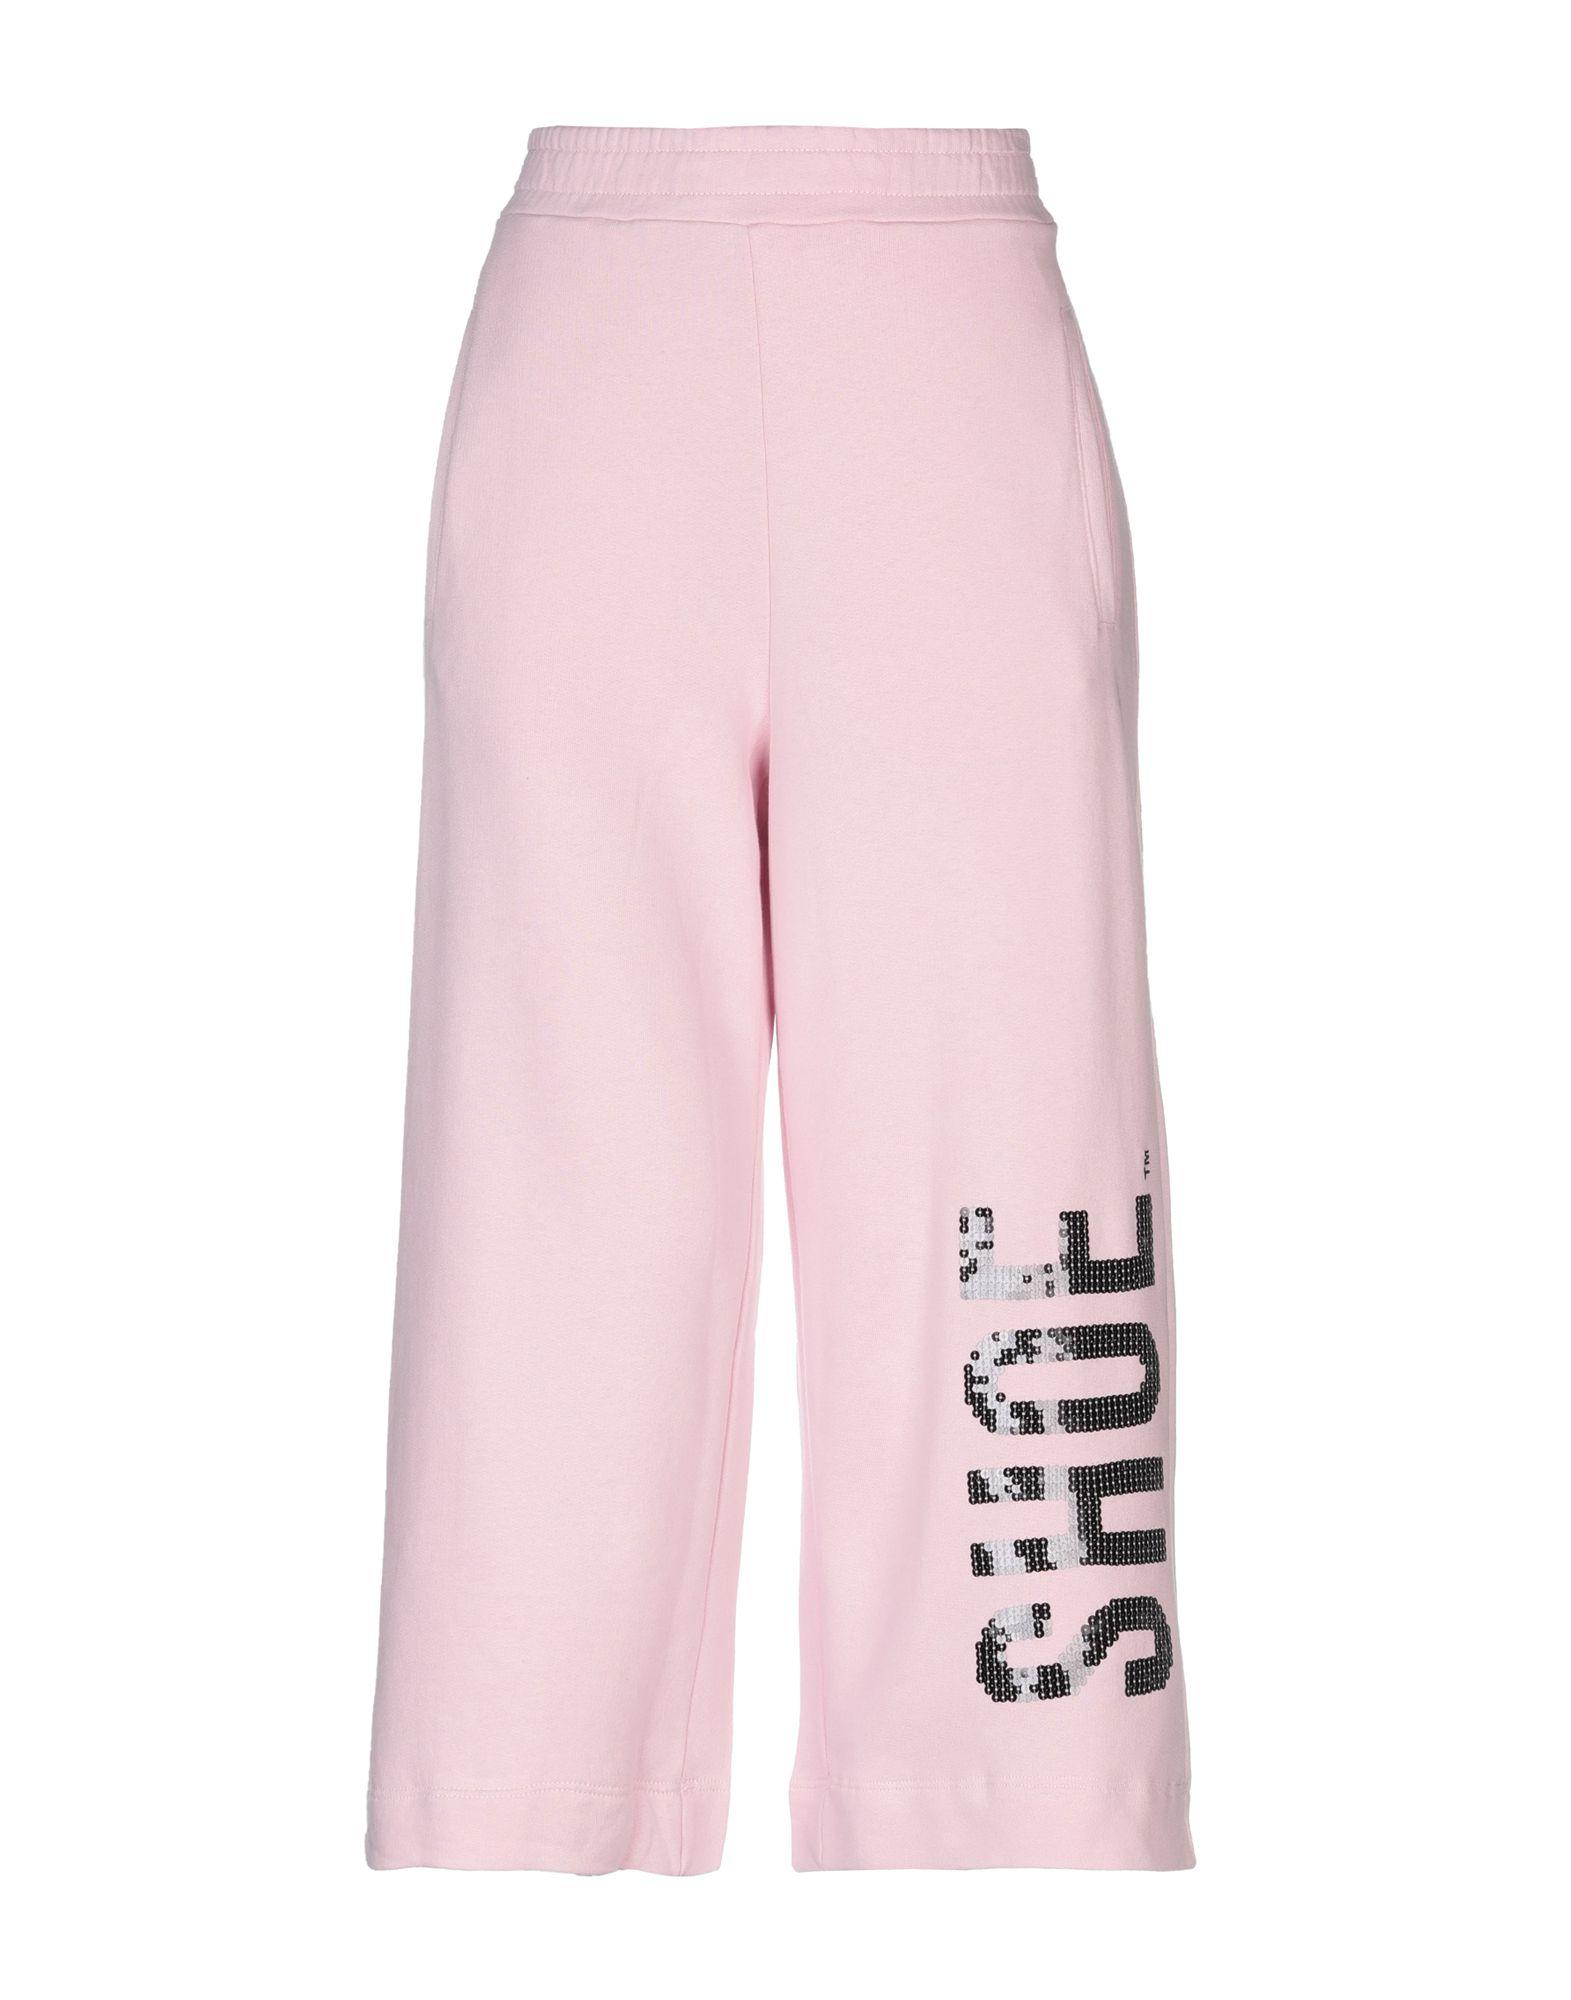 《送料無料》SHOESHINE レディース カプリパンツ ピンク XS コットン 100%